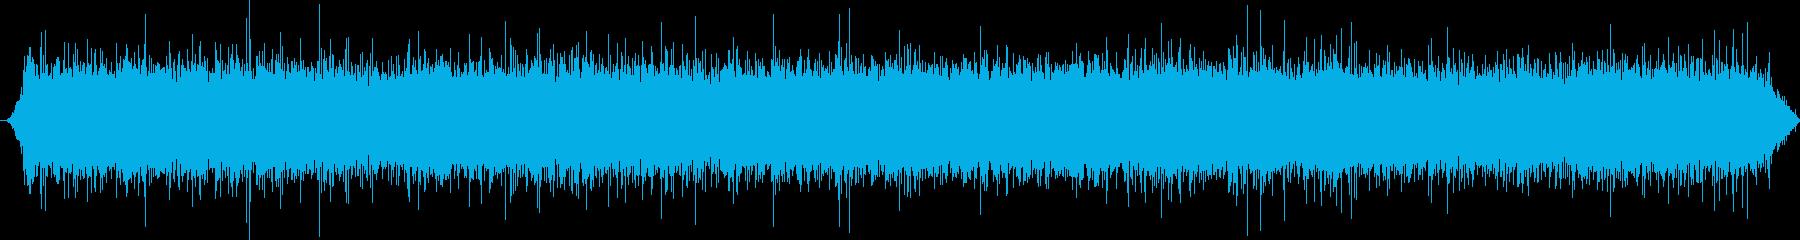 バブリングブルック:ヘビーフロー、...の再生済みの波形